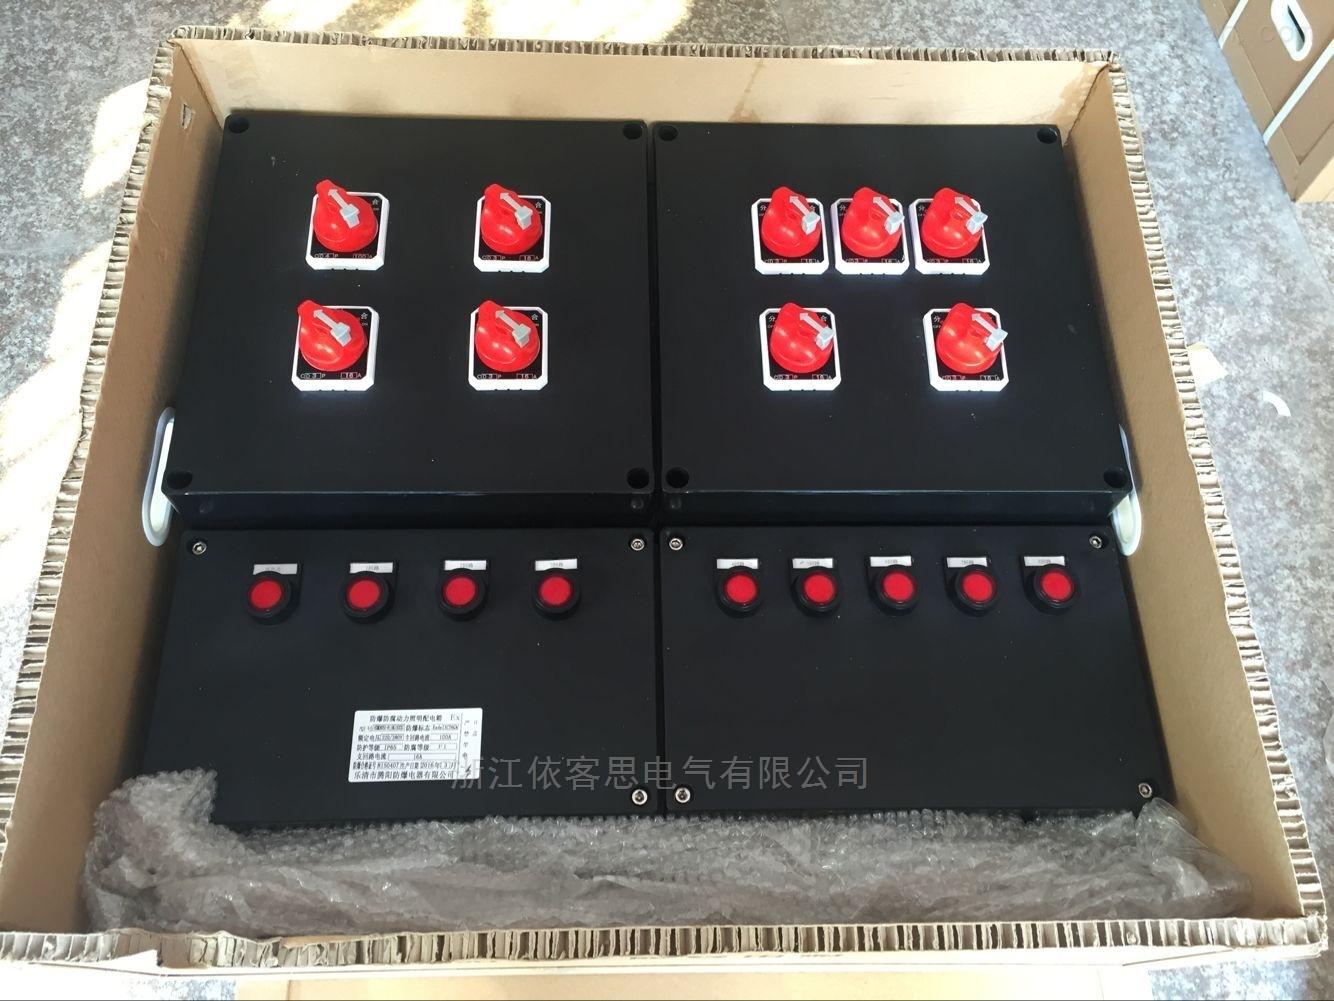 BXMD8030化工厂防爆防腐照明配电箱